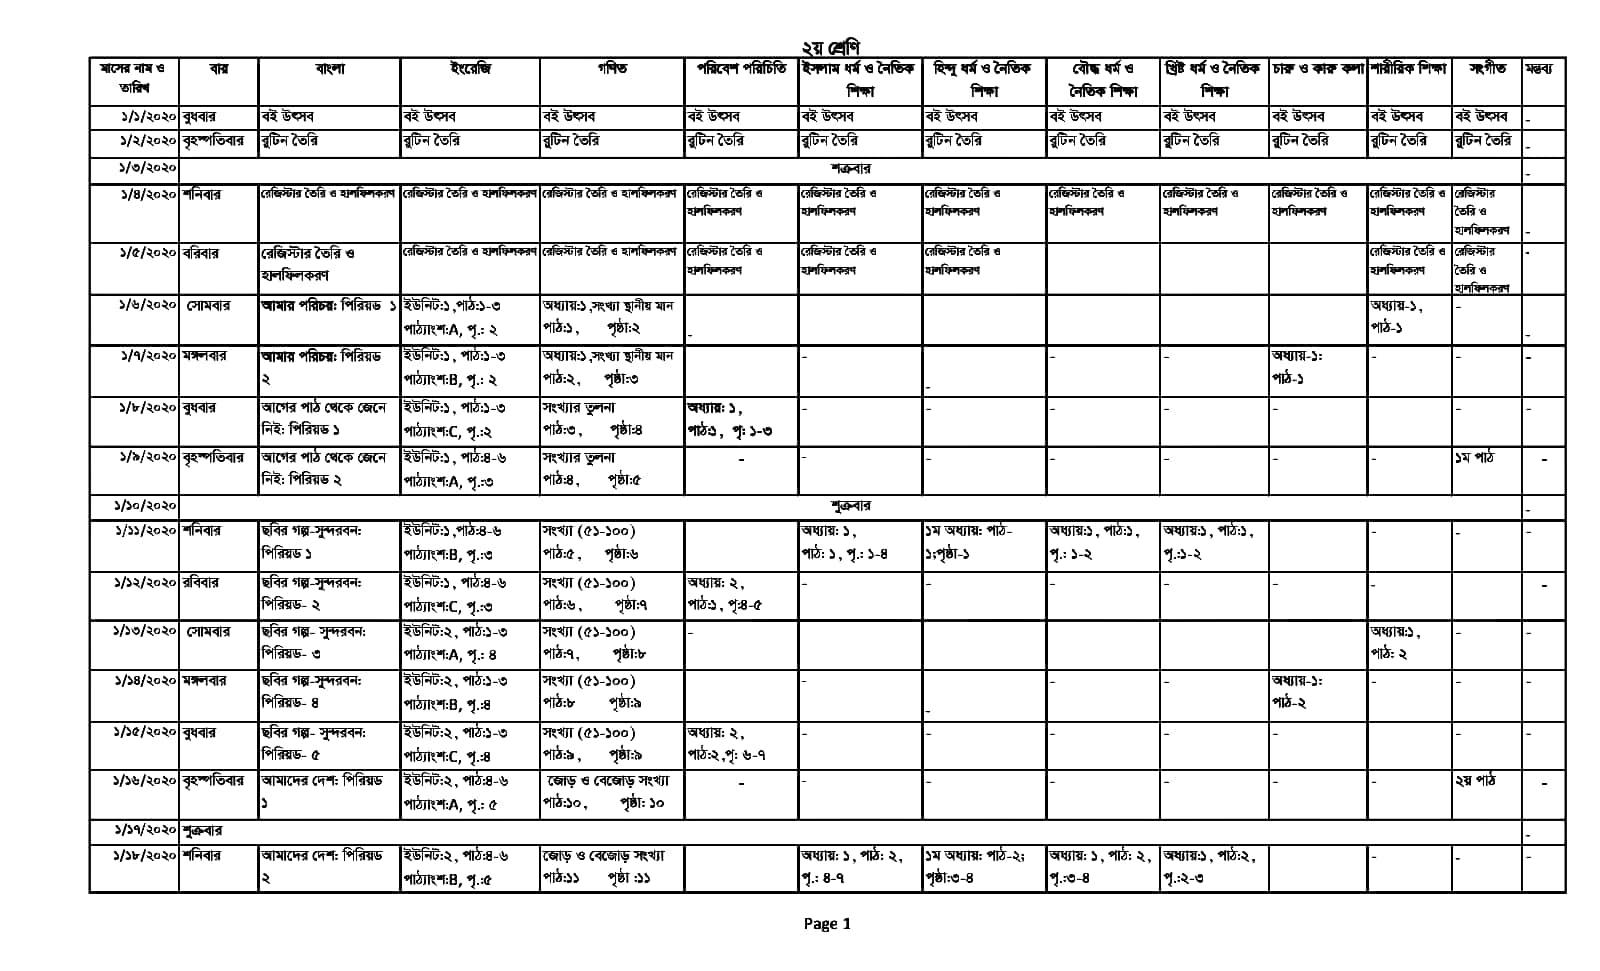 ২য় শ্রেণির বার্ষিক পাঠ পরিকল্পনা ২০২০ |দৈনিক পাঠ পরিকল্পনা ২০২০ | প্রাক প্রাথমিক বার্ষিক পাঠ পরিকল্পনা ২০২০